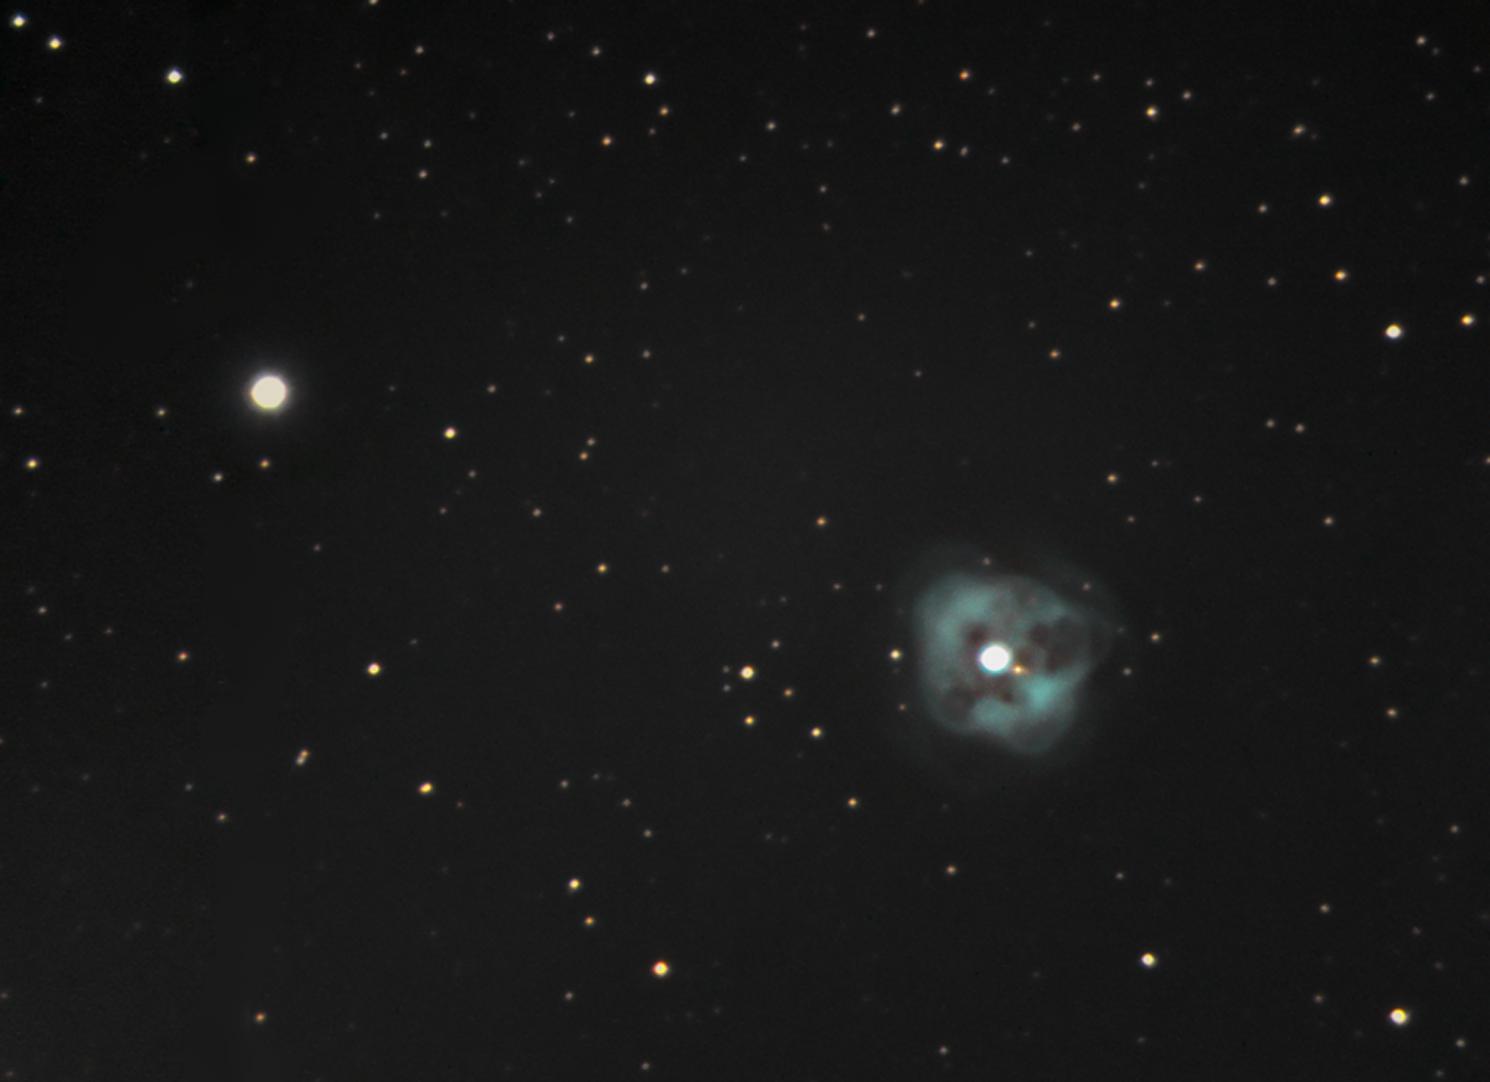 Crystal Ball Nebula